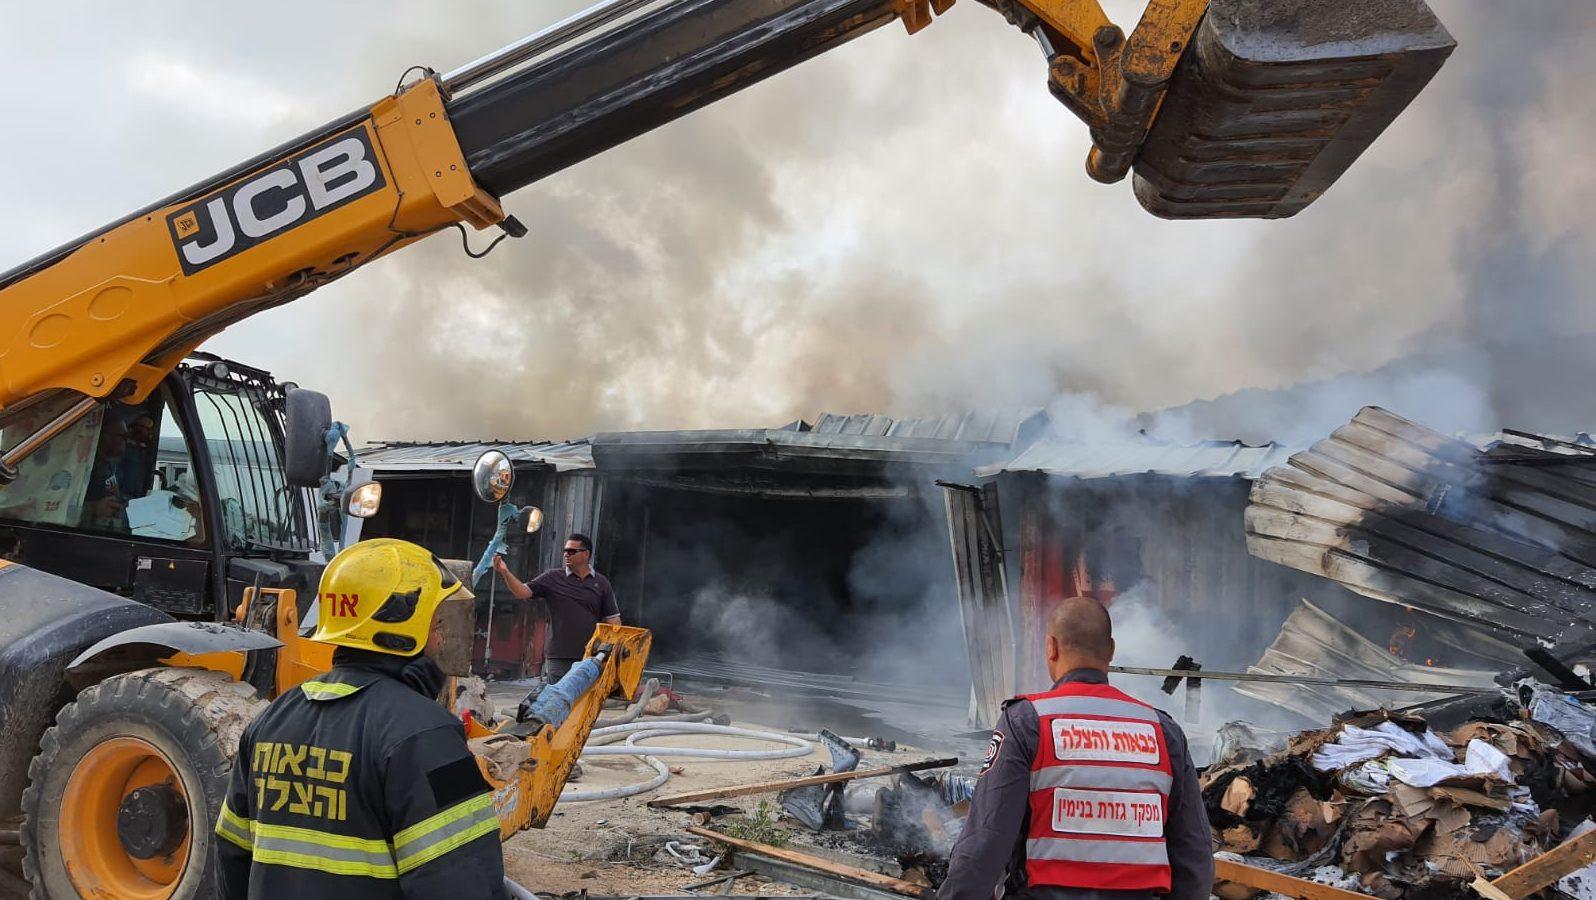 נזק כבד בשריפה שפרצה במרכז לוגיסטי של עמותת צדקה במודיעין עלית